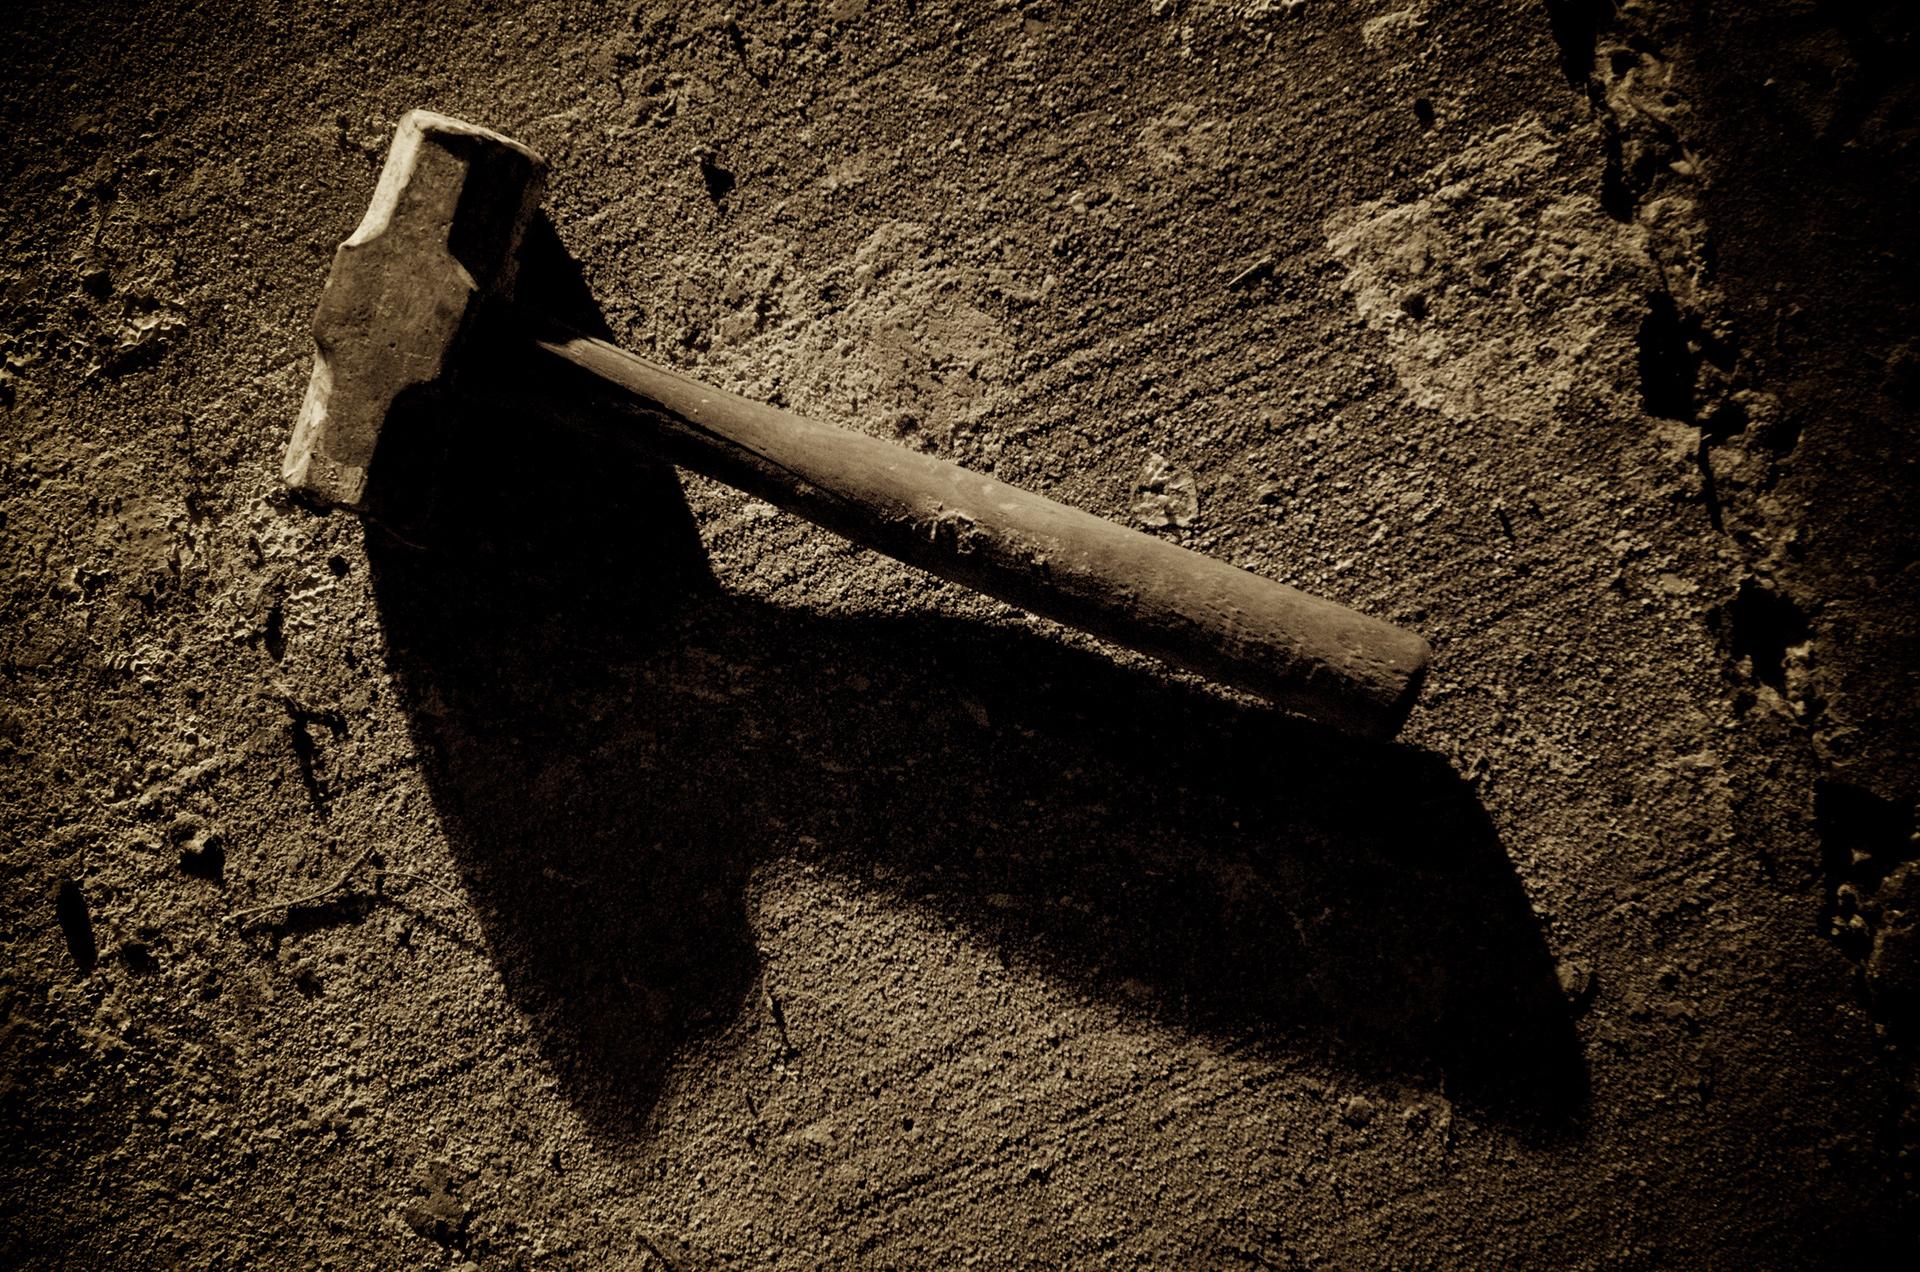 construction_hammer